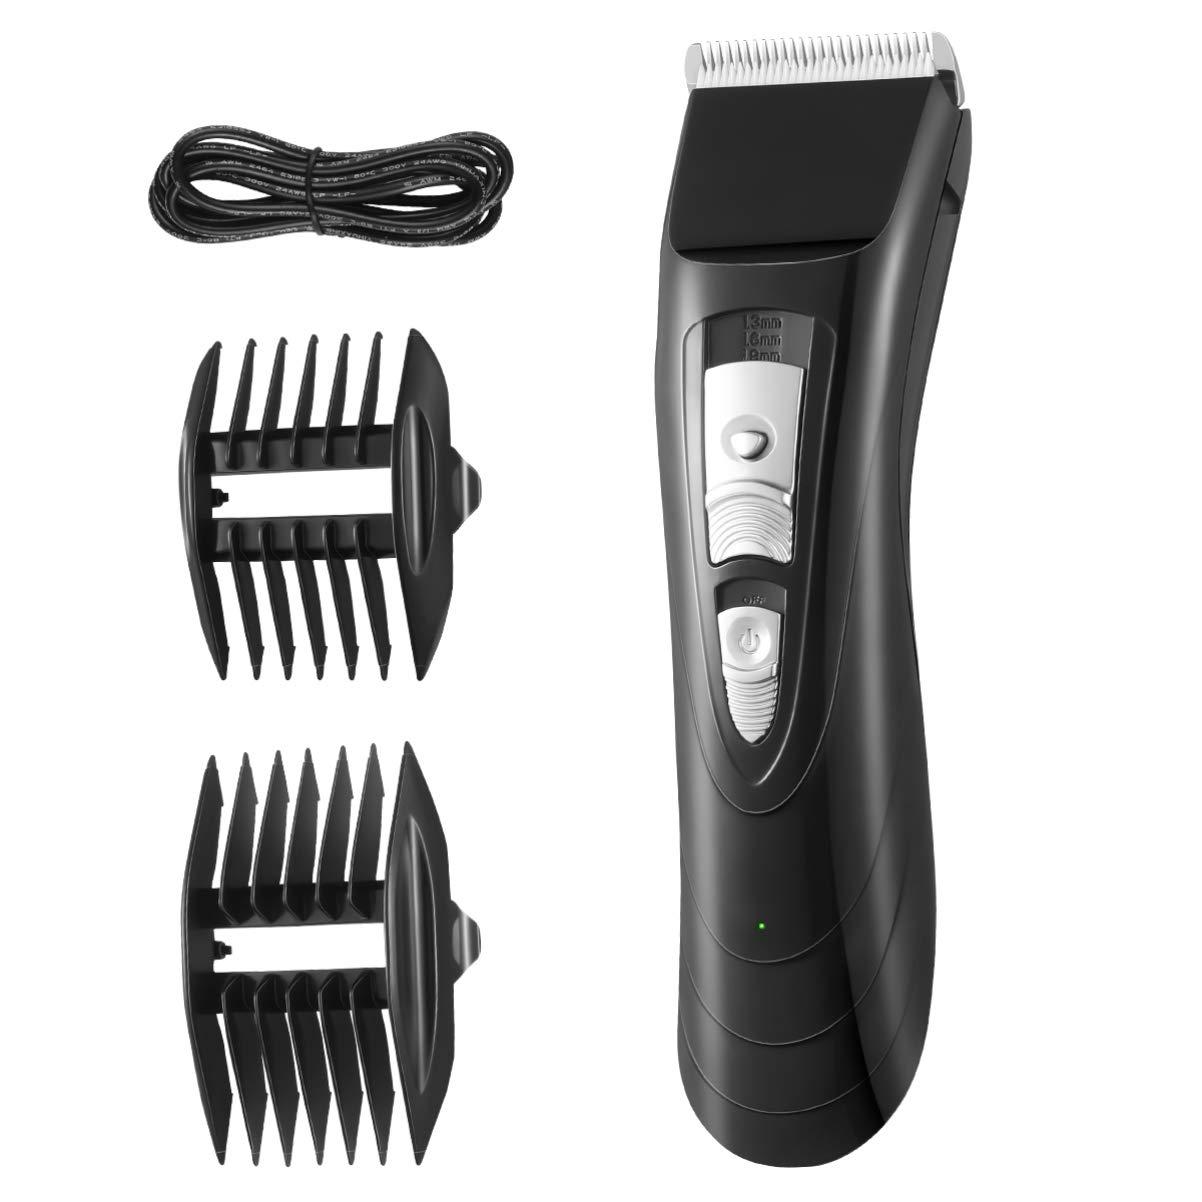 Men's Beard Trimmer & Hair Clipper Set, Cordless Electric Hair Trimmer Kit (Black)